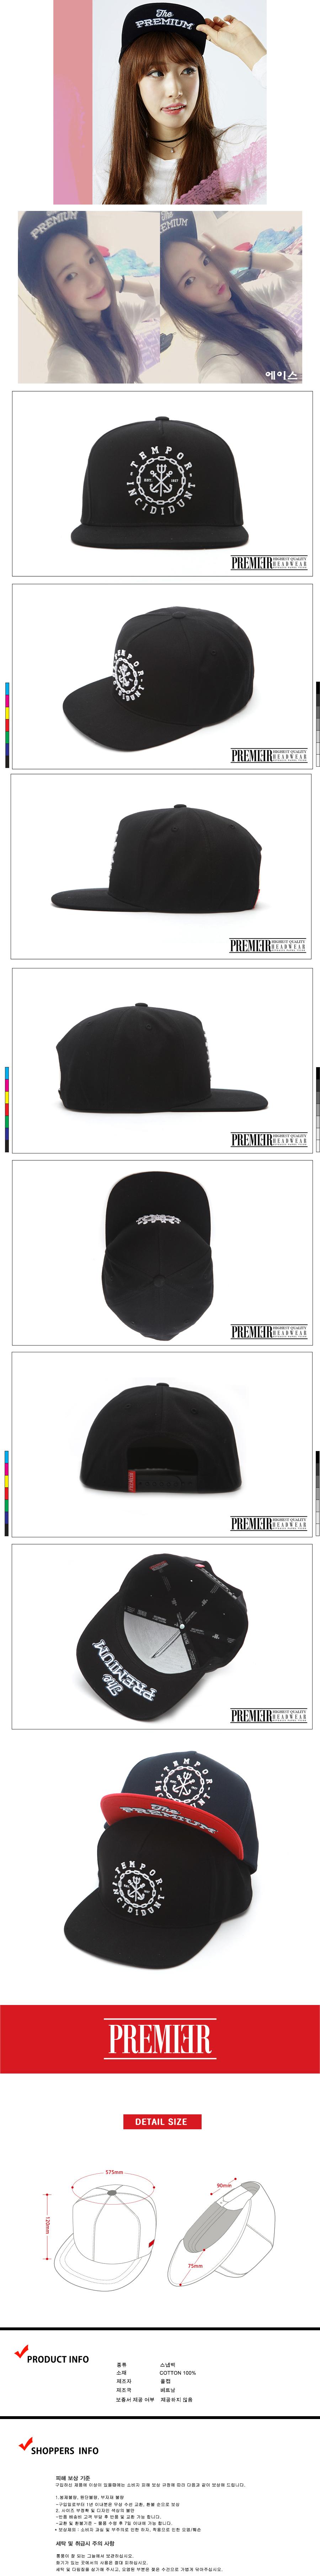 [ PREMIER ] [Premier] Snapback Tempo Black